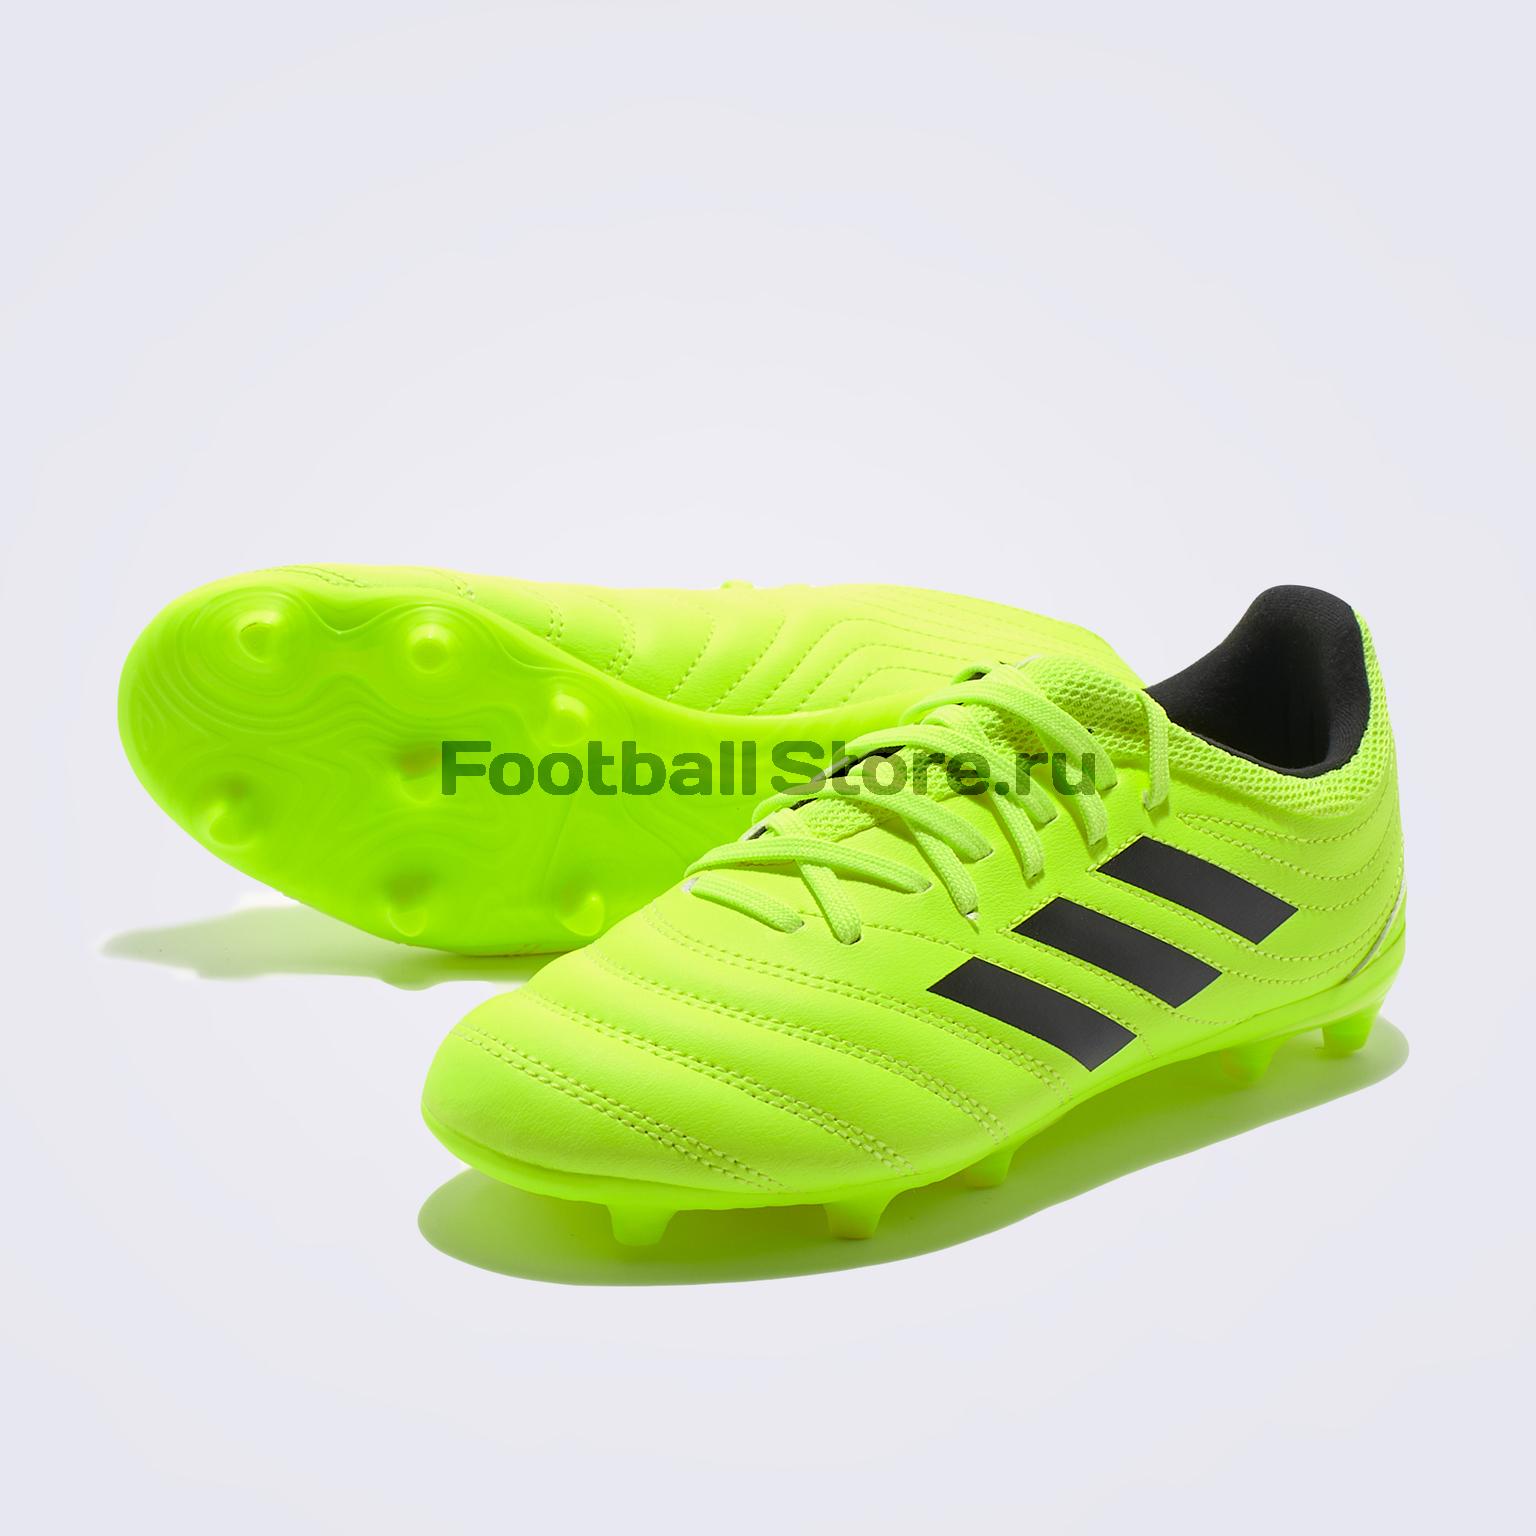 все цены на Бутсы детские Adidas Copa 19.3 FG F35466 онлайн